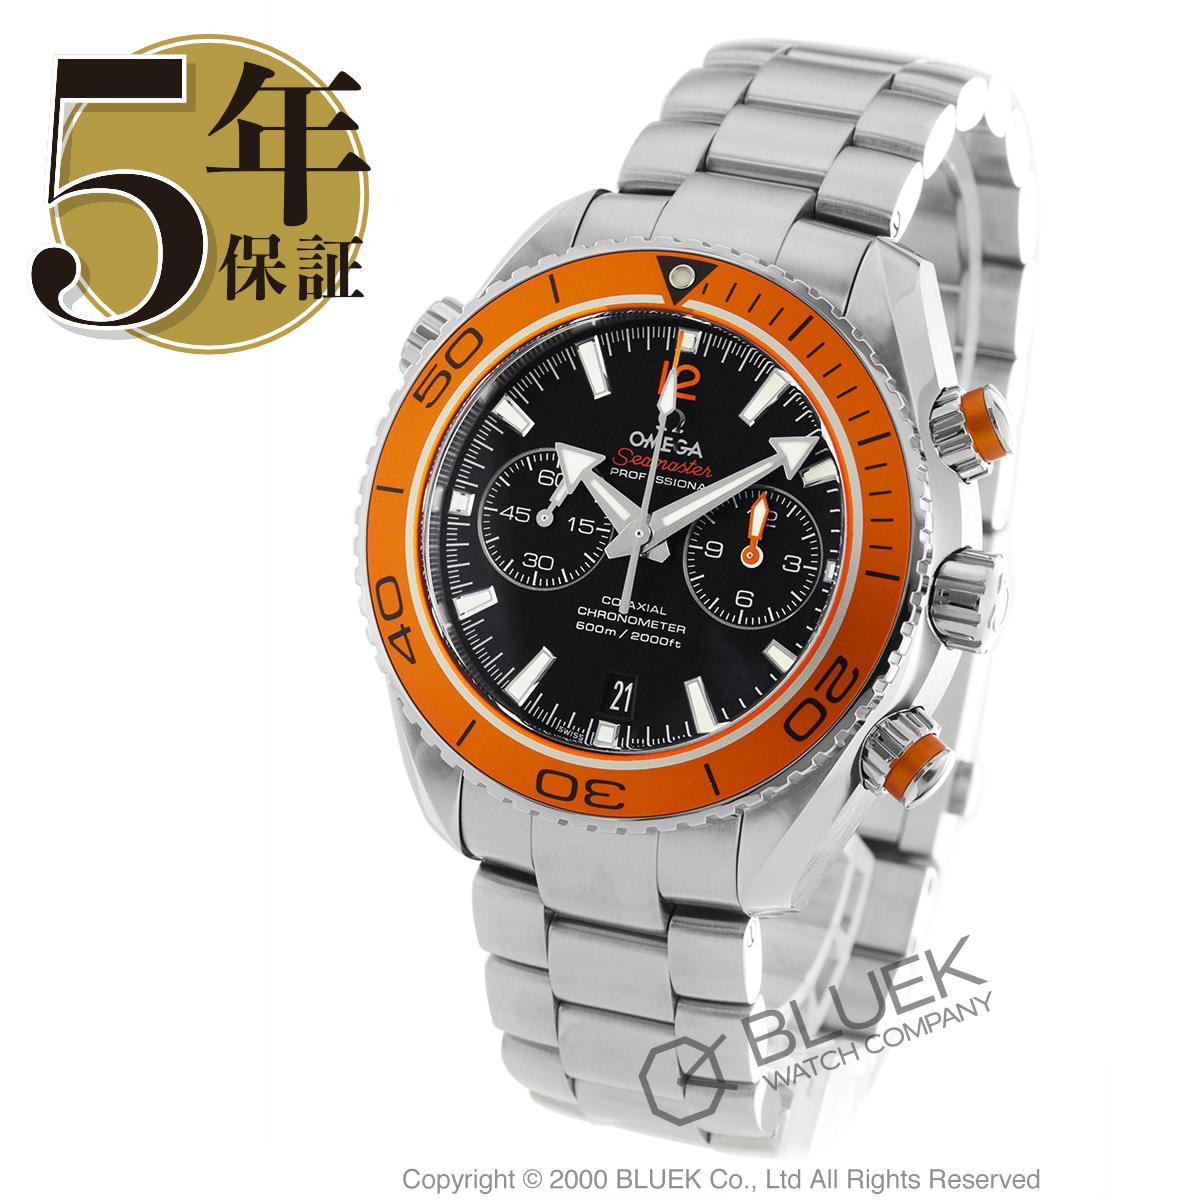 オメガ OMEGA 腕時計 シーマスター プラネットオーシャン 600m防水 メンズ 232.30.46.51.01.002_8